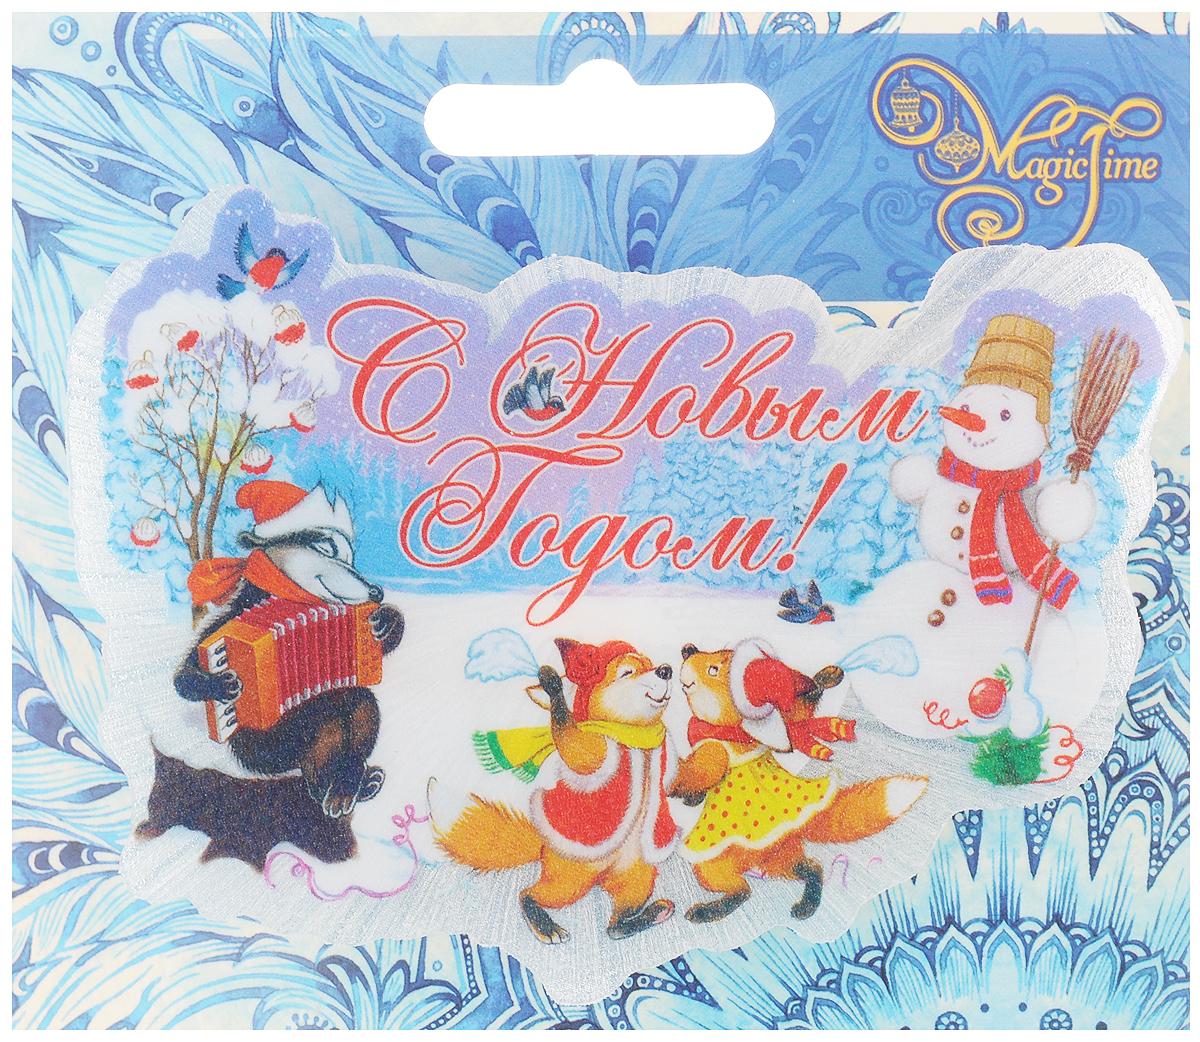 Украшение новогоднее Magic Time Новогодний праздник, со светодиодной подсветкой, 11 x 9 x 3 см42202Оригинальное новогоднее украшение Magic Time Новогодний праздник выполнено из ПВХ. С помощью специальной вакуумной присоски украшение можно прикрепить почти на любую плоскую поверхность. Светодиодная подсветка создаст атмосферу волшебства и ощущение праздника. Такой сувенир оформит ваш интерьер в преддверии Нового года и создаст атмосферу уюта. Размер: 11 x 9 x 3 см; Элемент питания: LR44; Мощность: 0,06 Вт; Напряжение: 3 В.